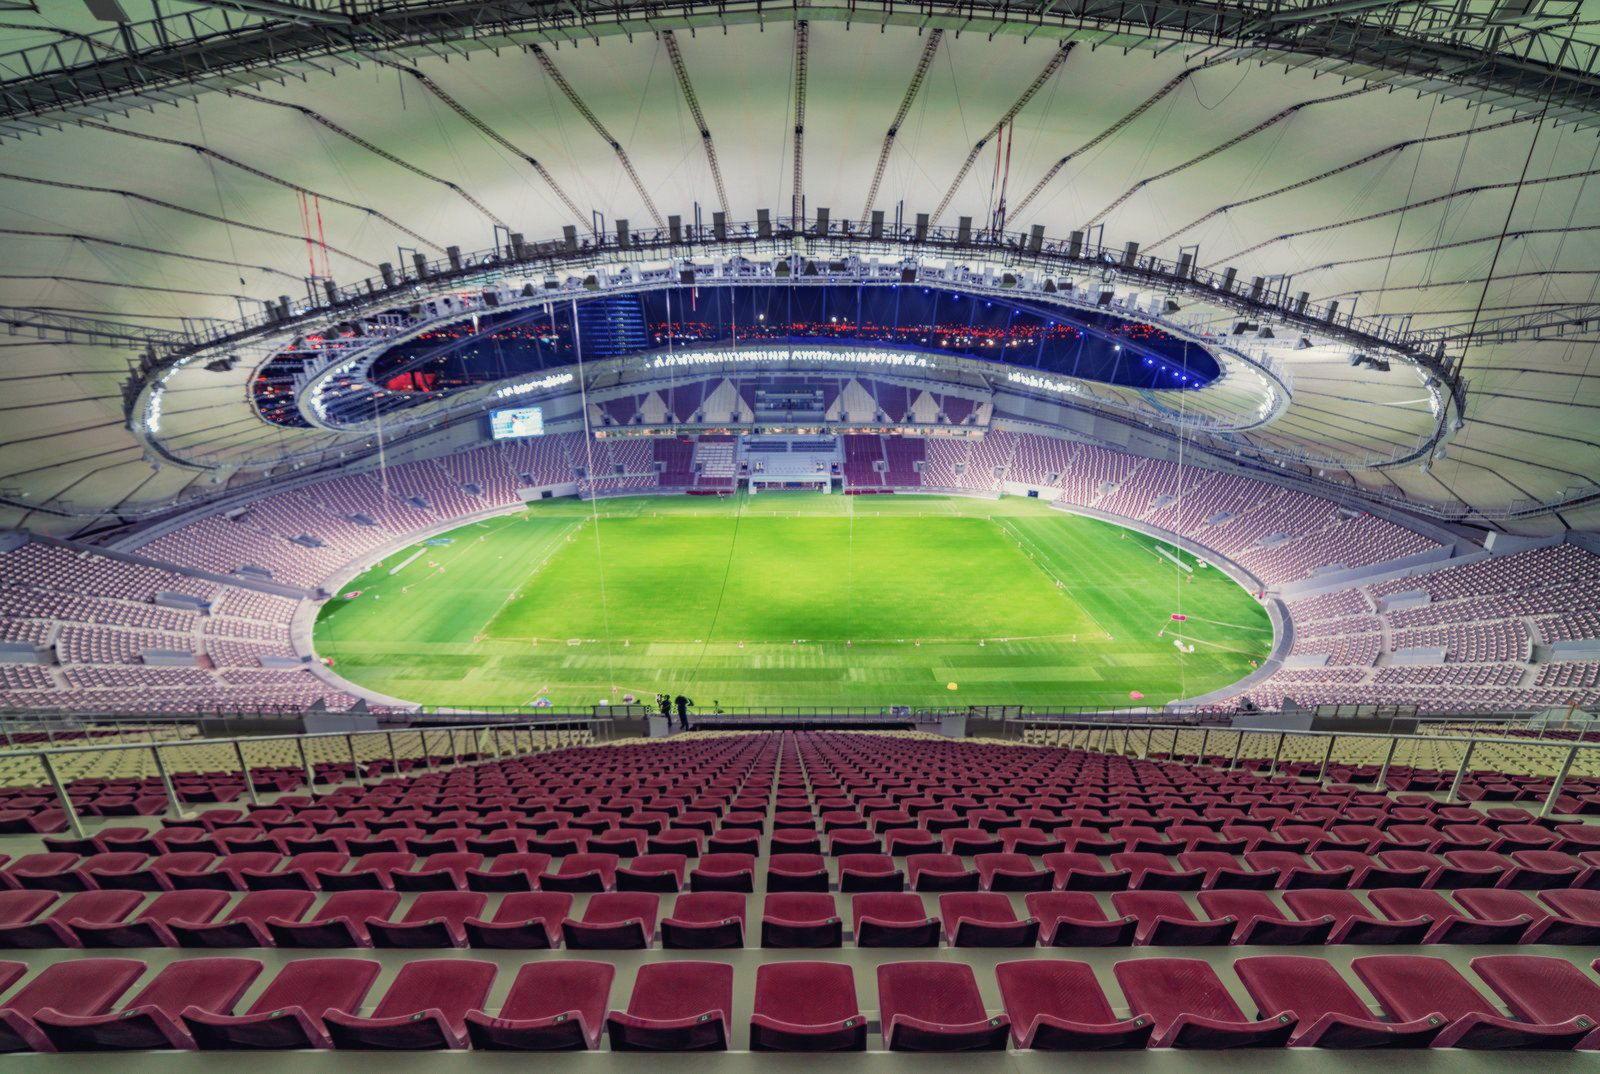 Стадион с фторопластовой крышей в Катаре